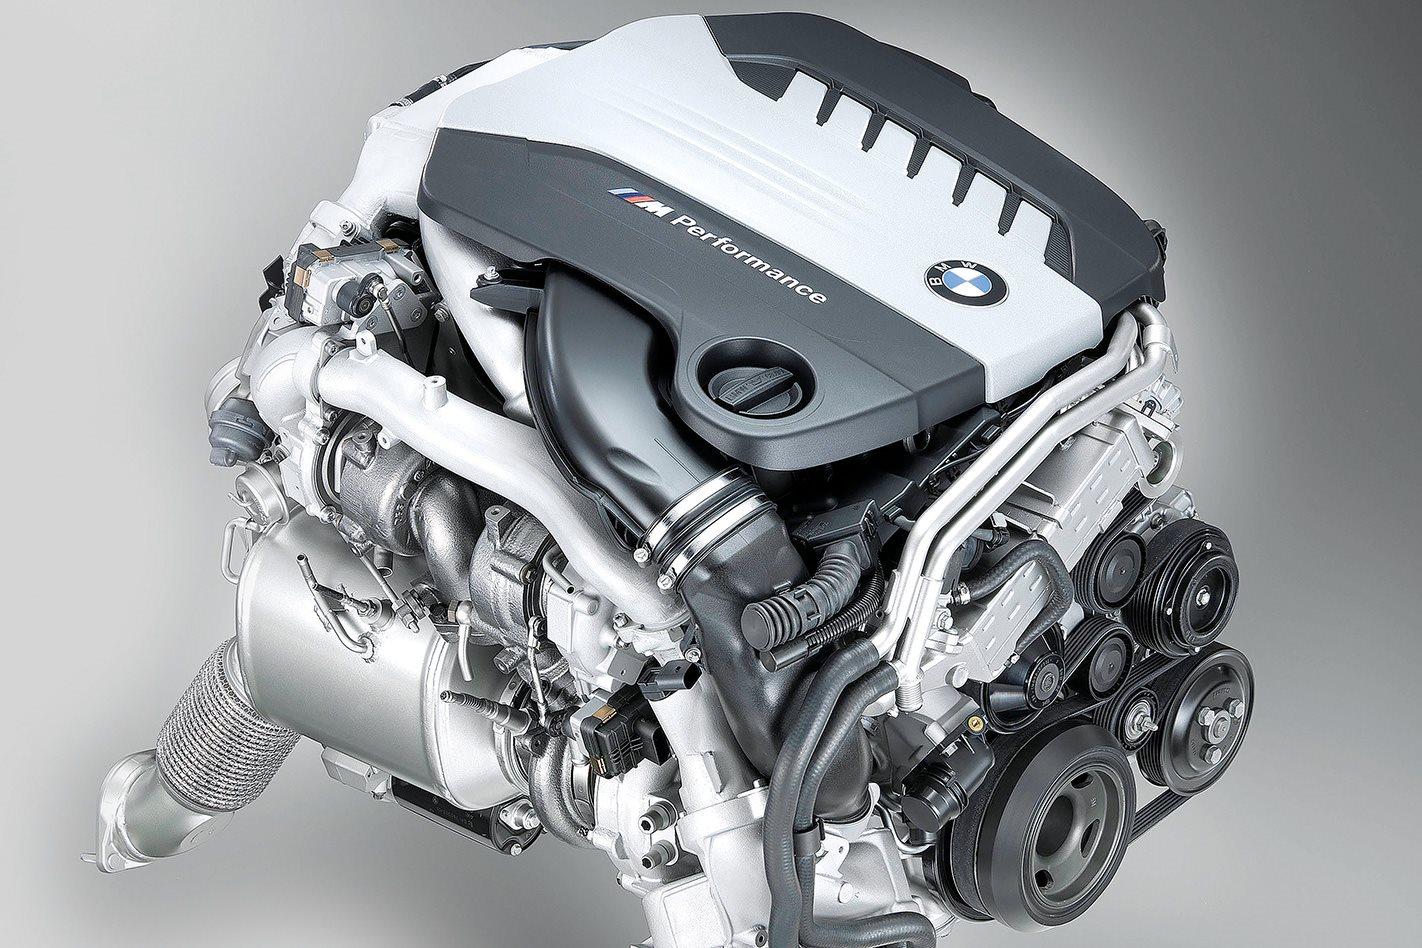 BMW N57s Diesel engine